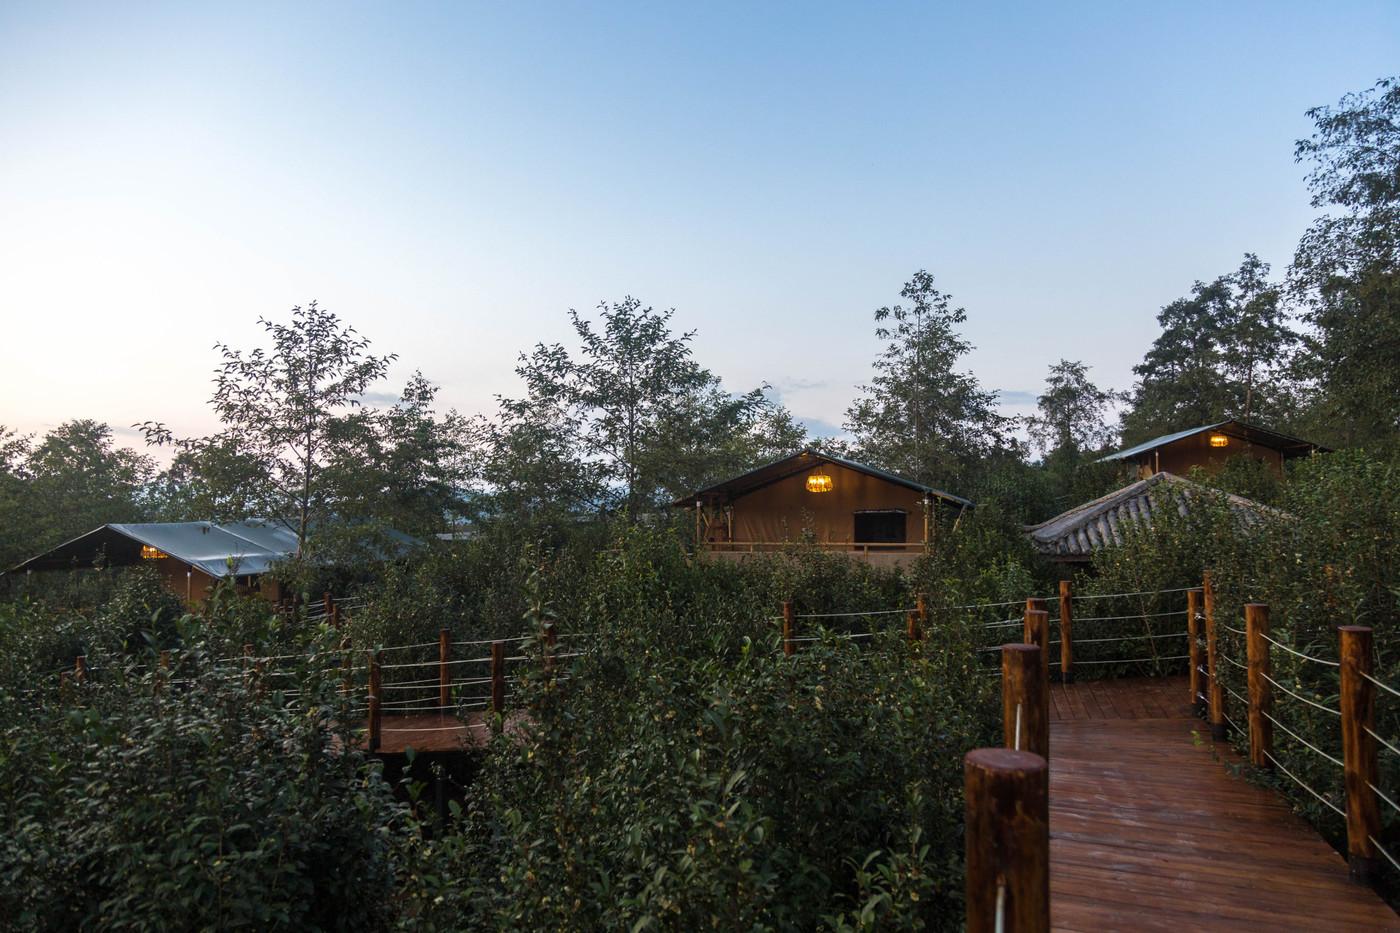 喜马拉雅野奢帐篷酒店—云南腾冲高黎贡山茶博园24